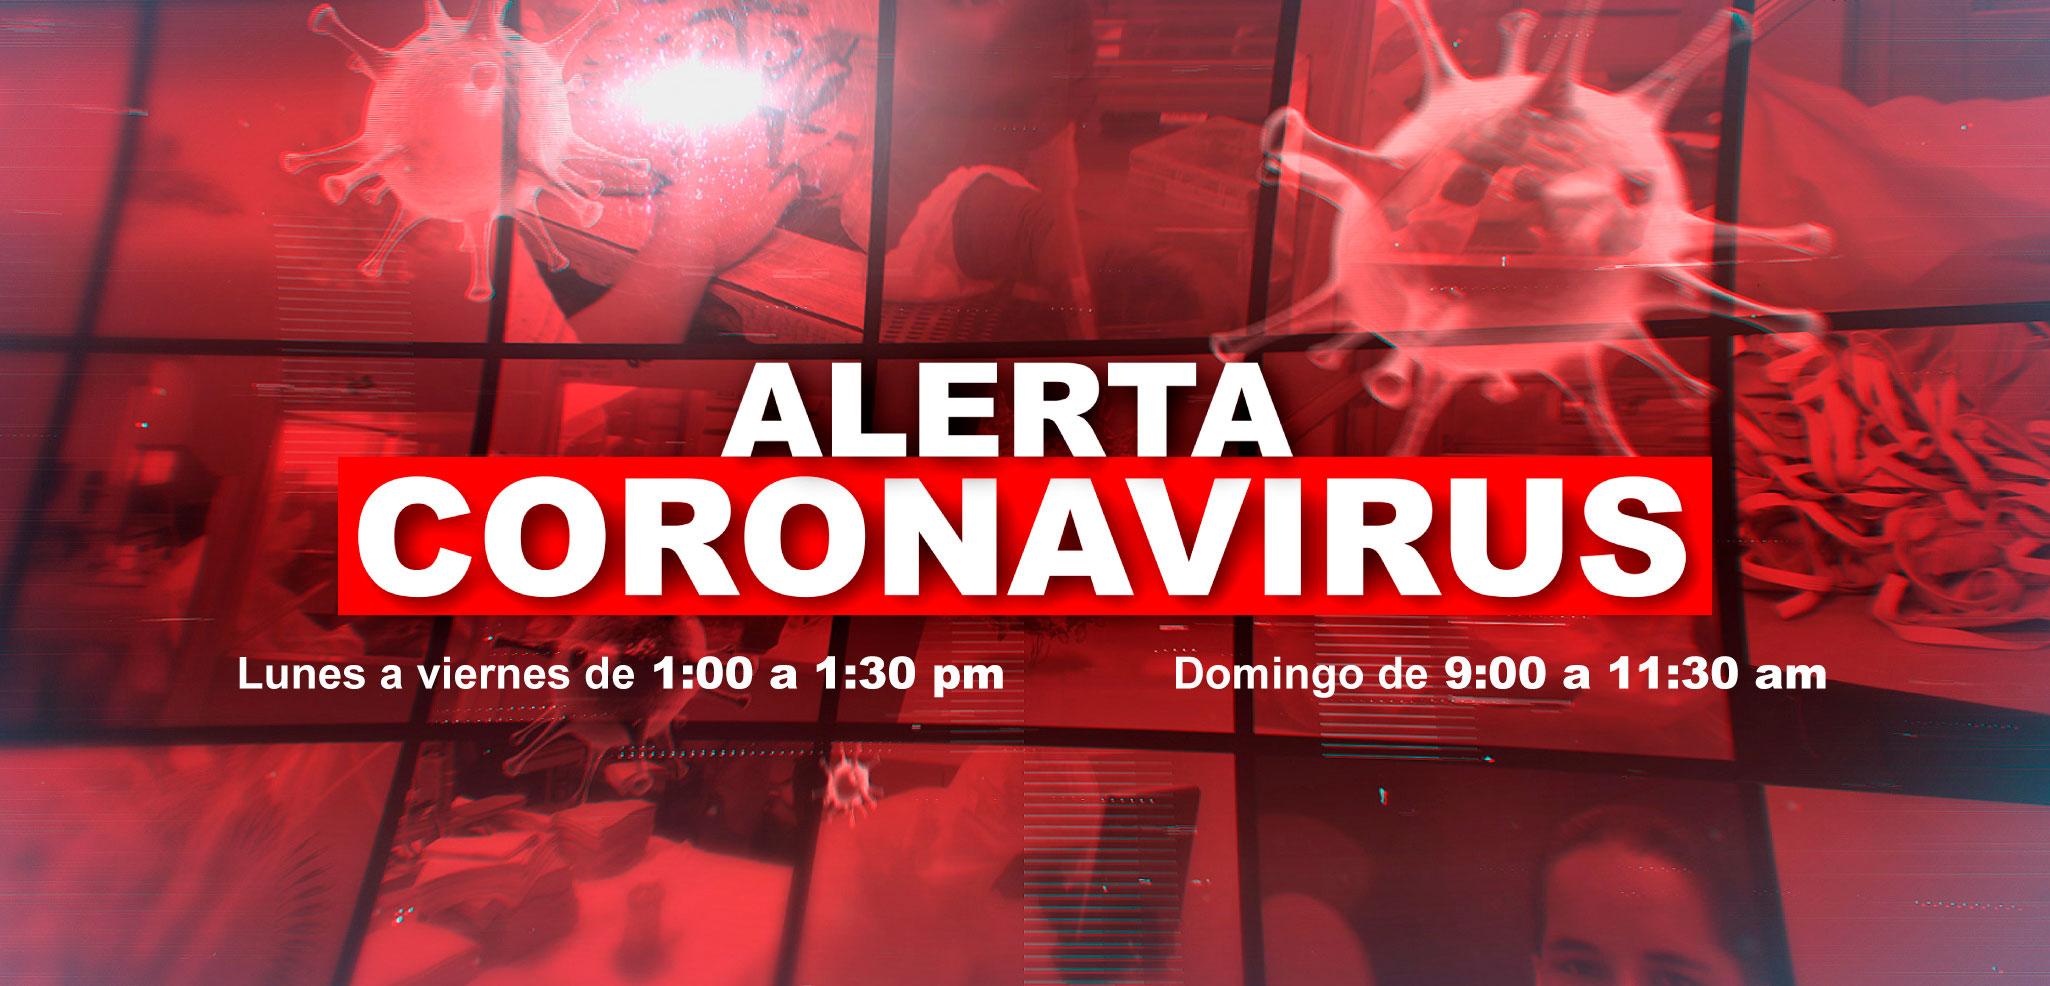 Alerta-Coronavirus-Web